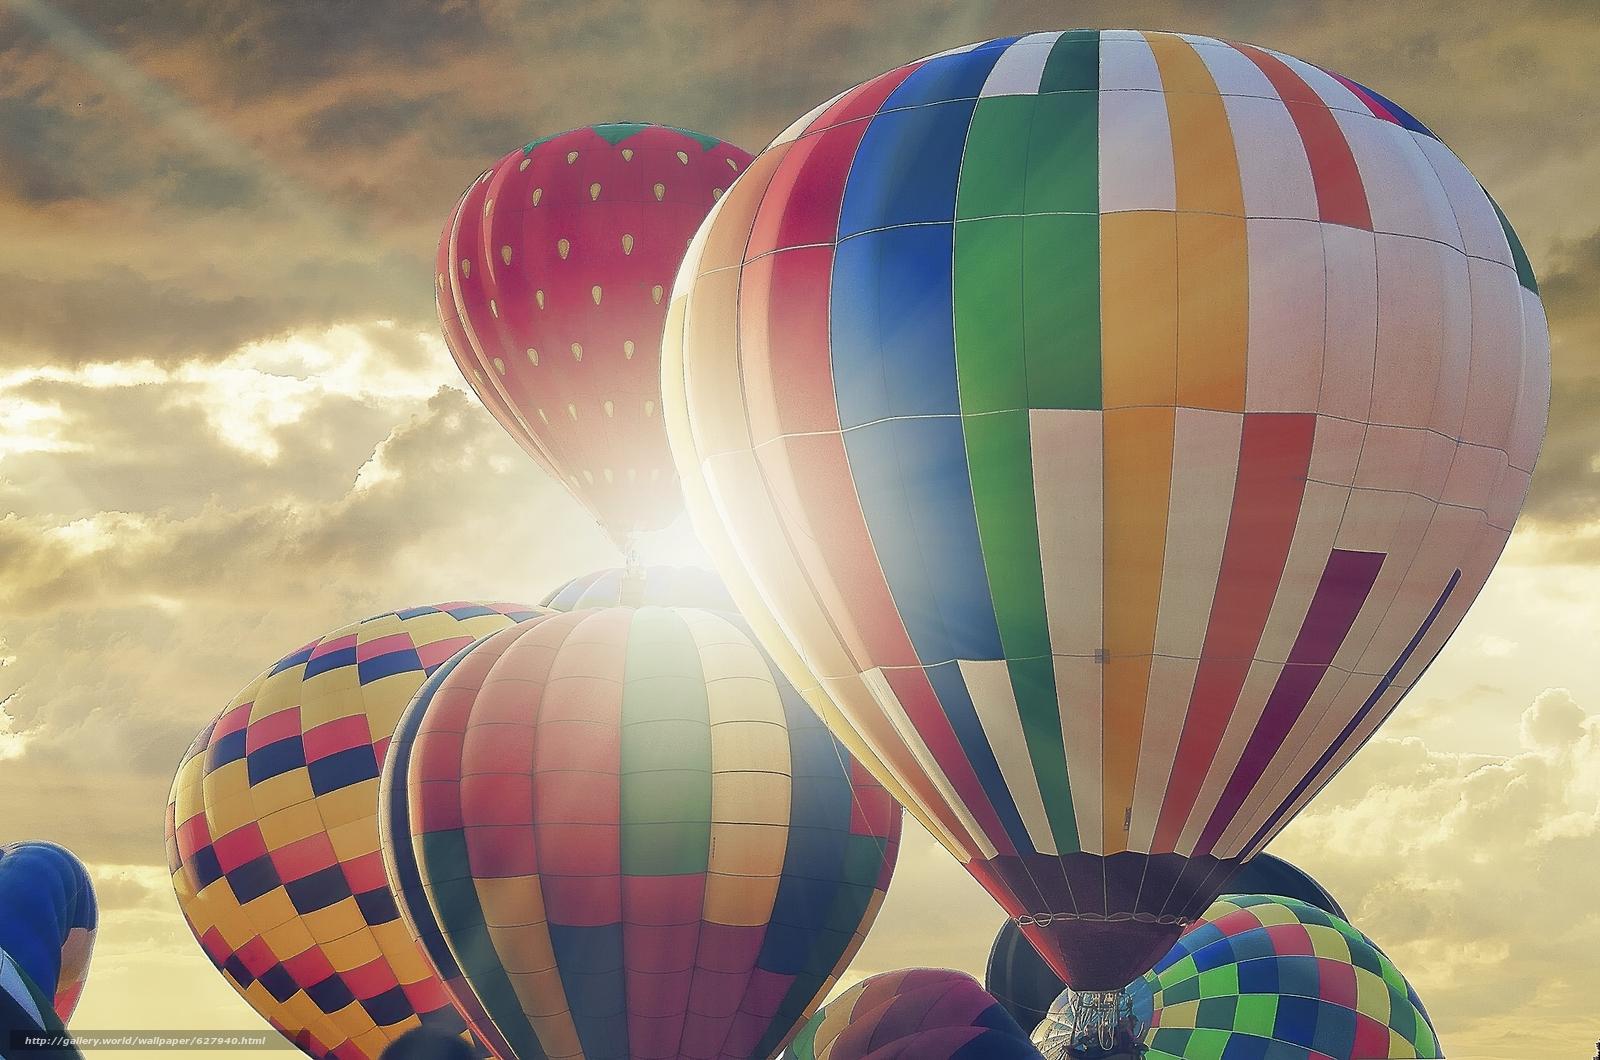 монгольфьеры, аэростаты, воздушные шары, небо